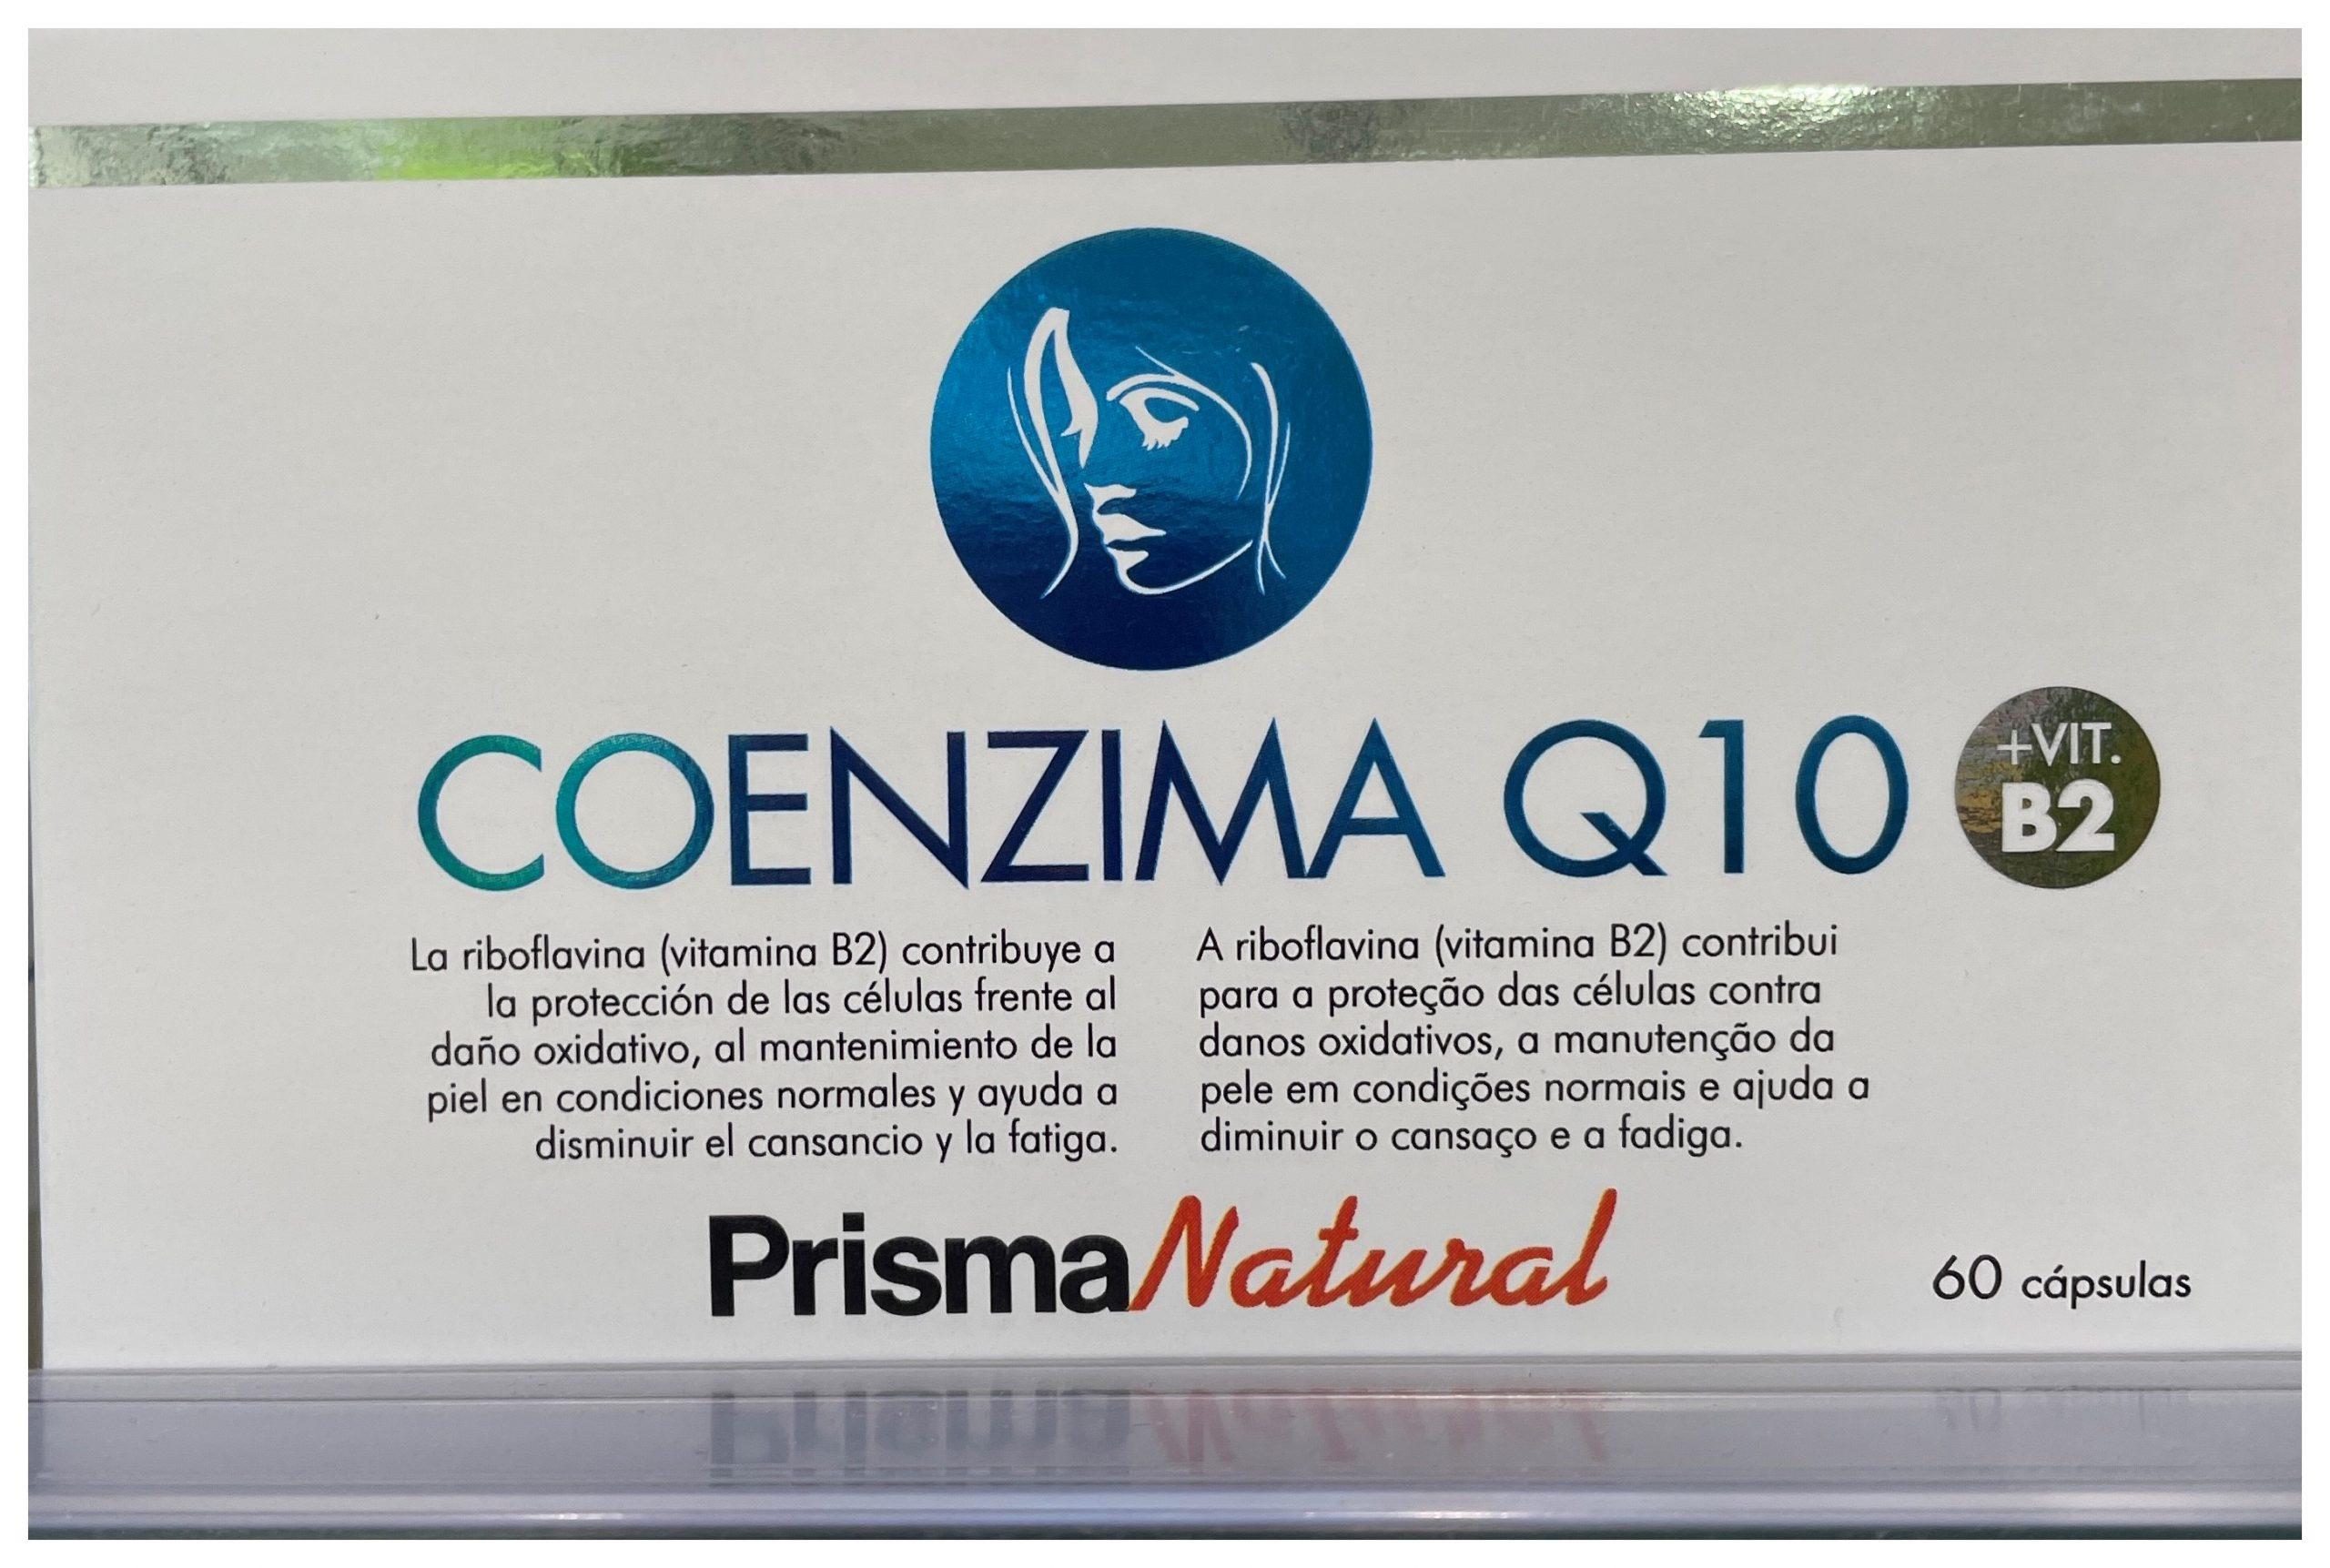 COMPRAR COENZIMA Q10: ANTIOXIDANTE, ANTIENVEJECIMIENTO Y PROTECTOR CARDIOVASCULAR. DE PRISMA NATURAL EN GRAN FARMACIA ONLINE ANDORRA